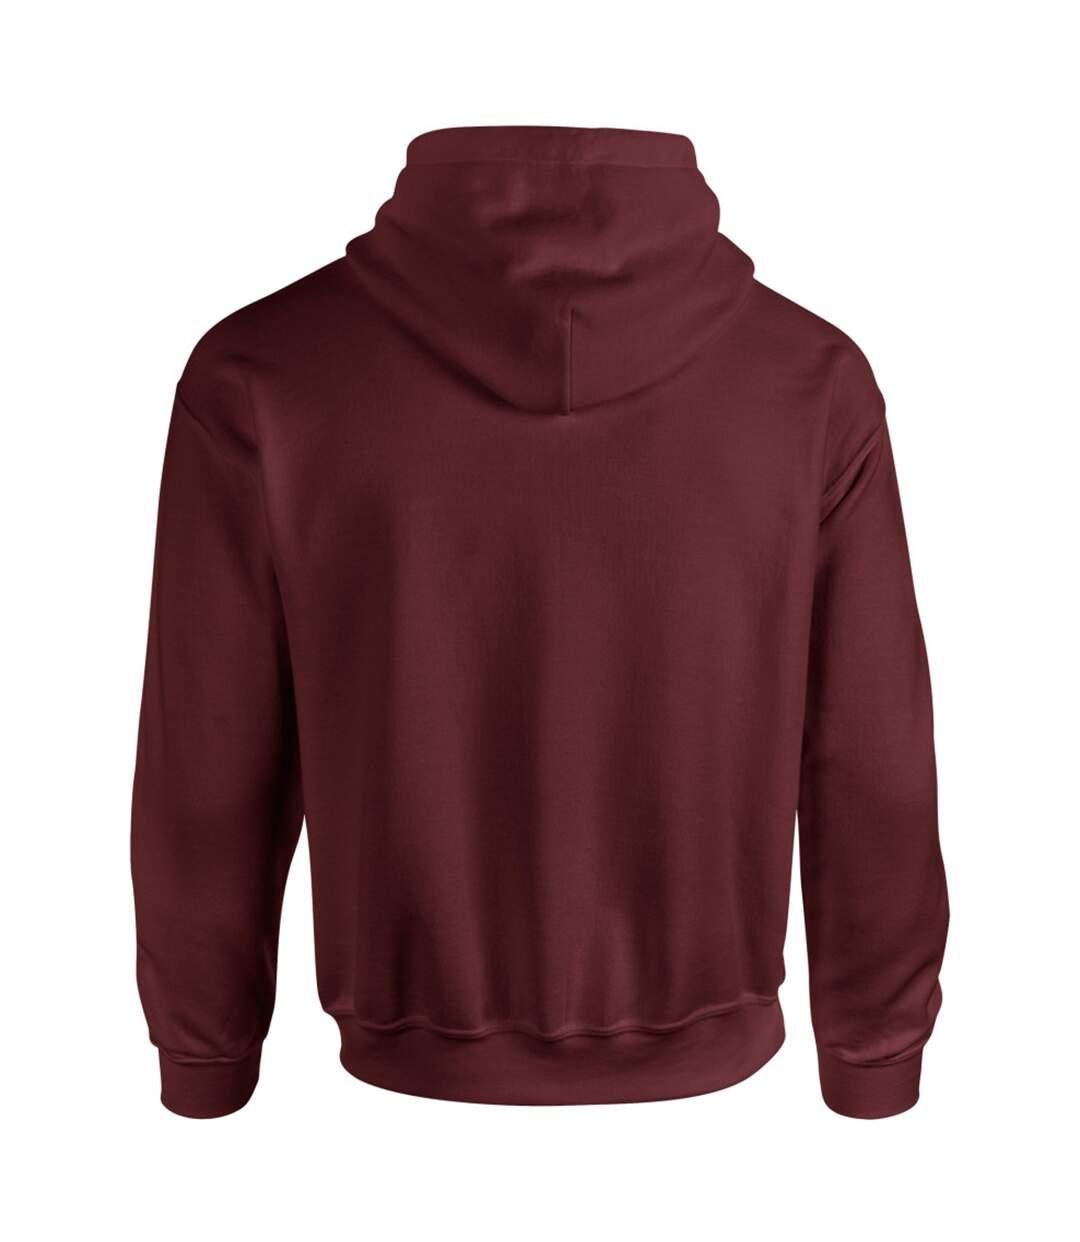 Gildan Heavy Blend Adult Unisex Hooded Sweatshirt / Hoodie (Sapphire) - UTBC468